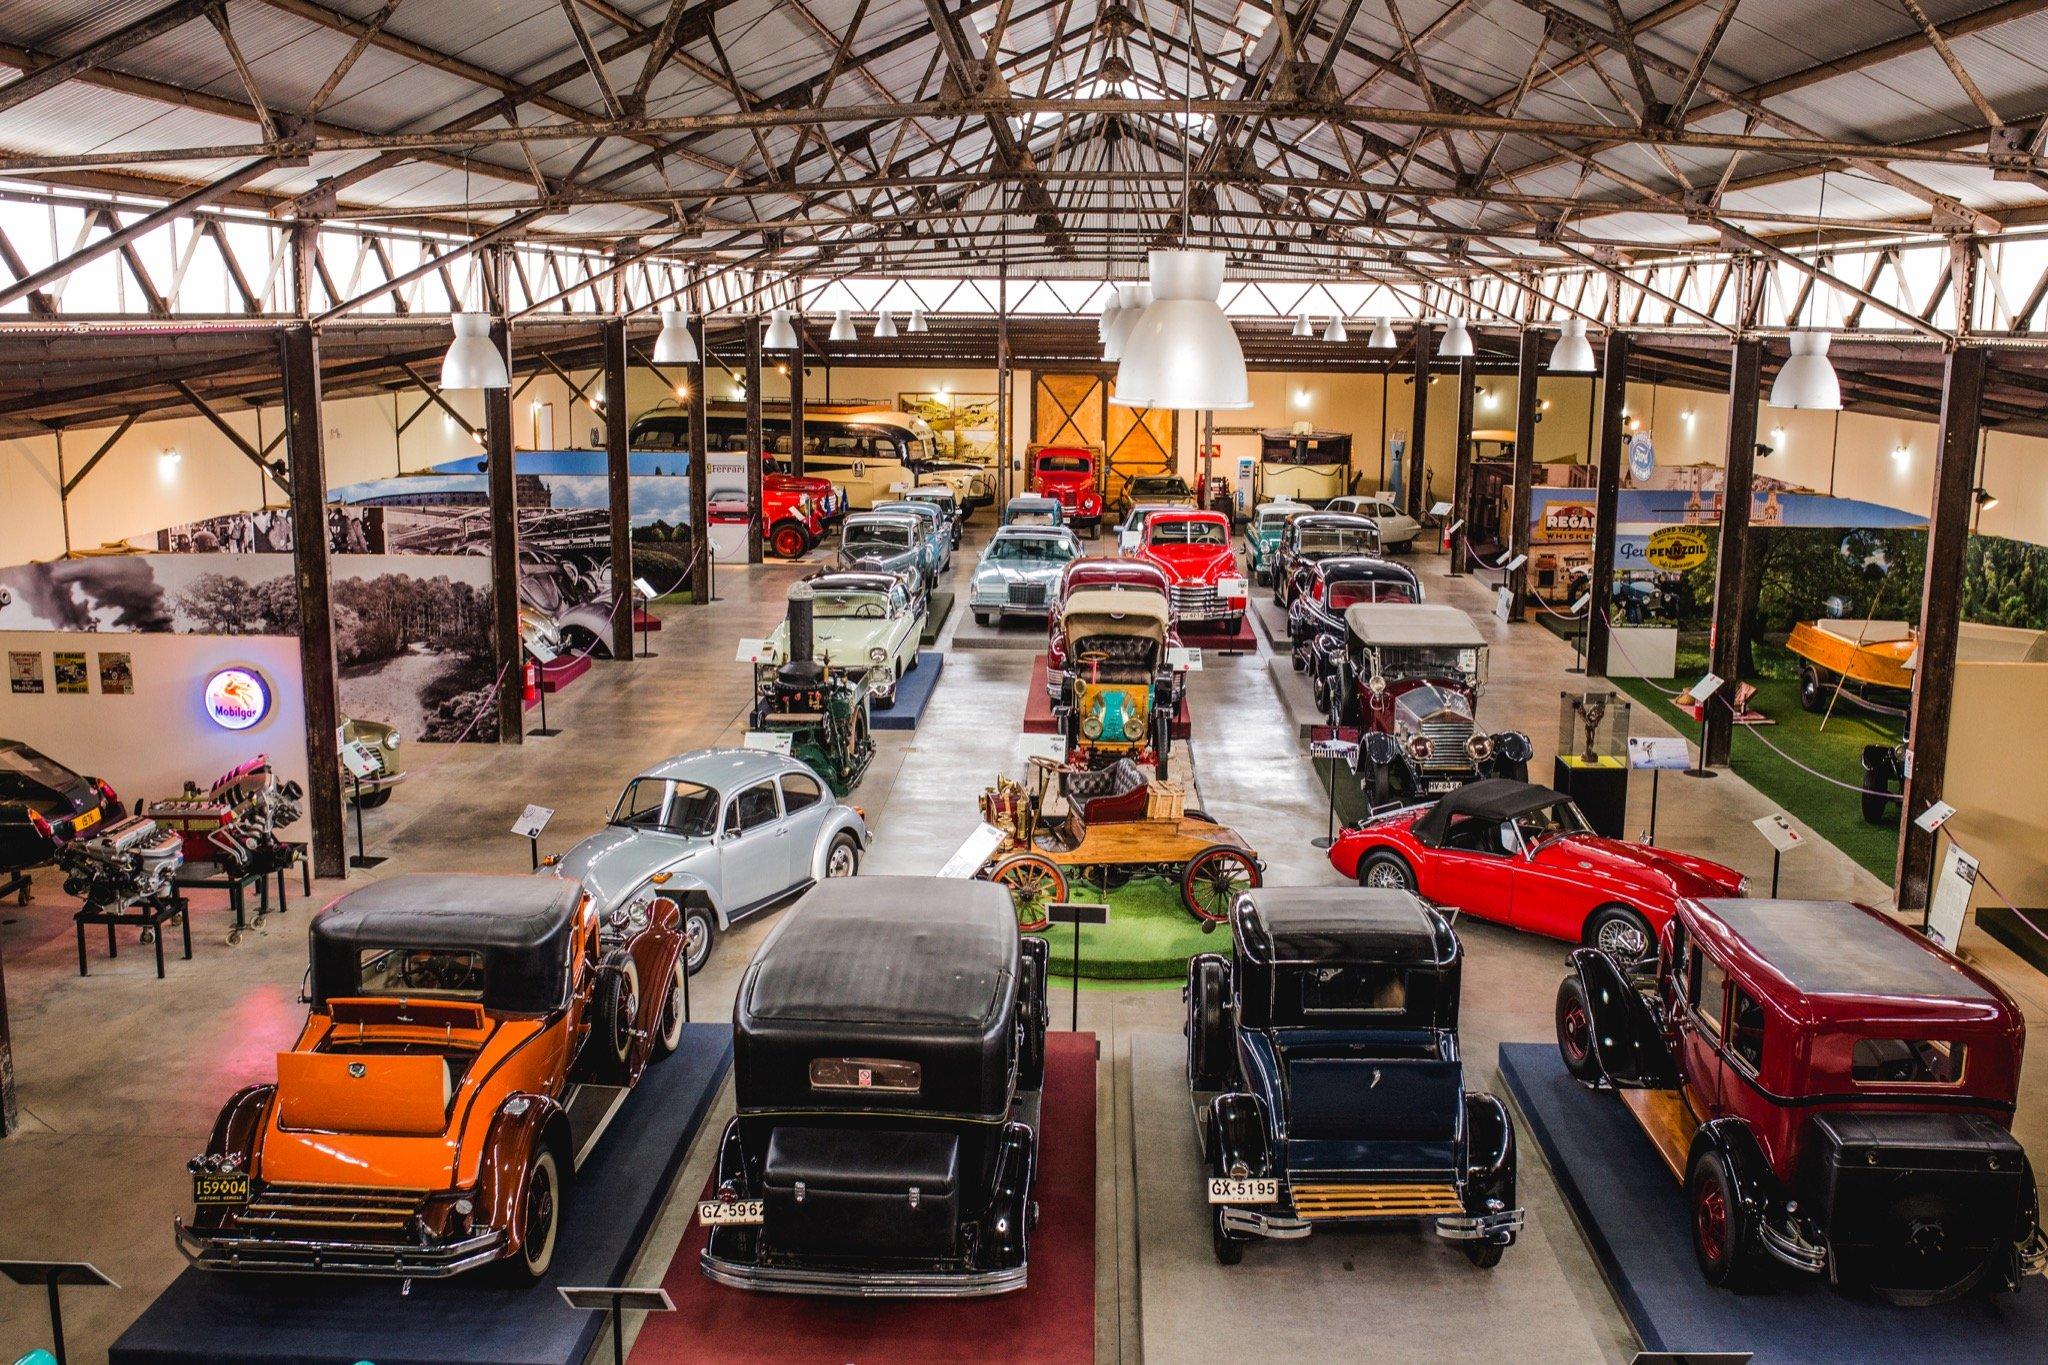 Museo del Automóvil en Viña Santa Cruz, Colchagua